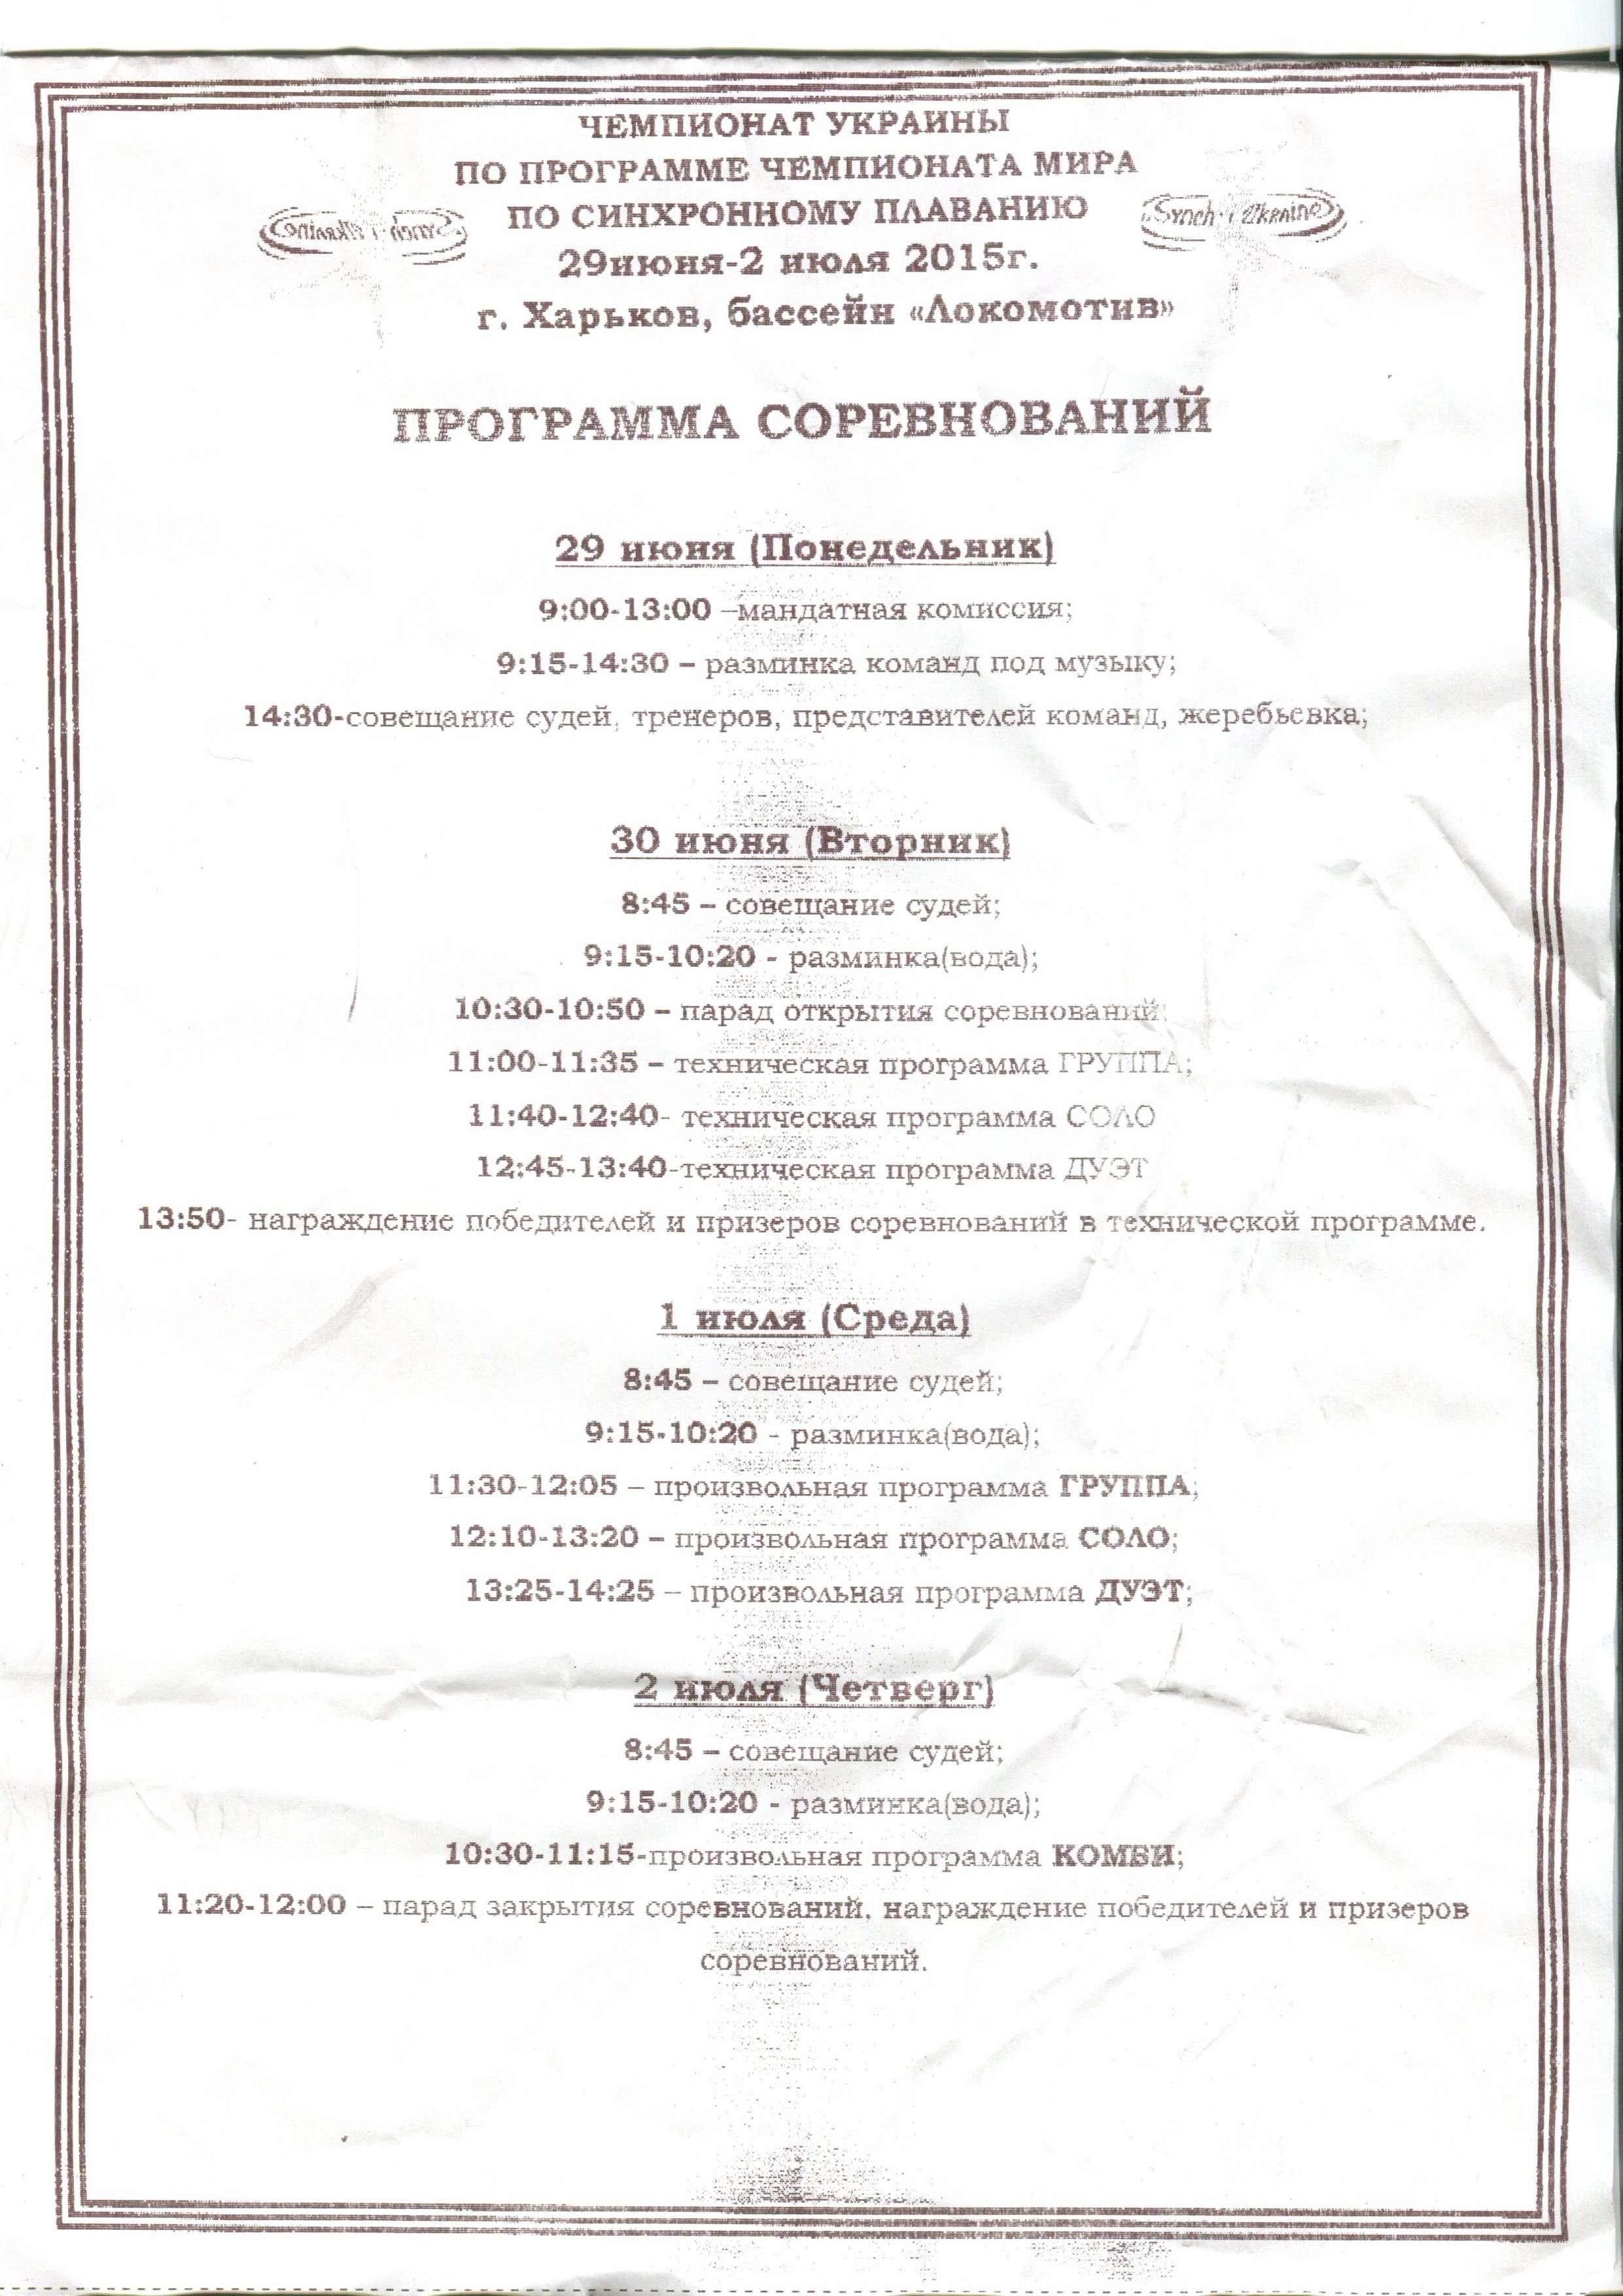 В Харькове состоится летний чемпионат Украины по синхронному плаванию: про ...